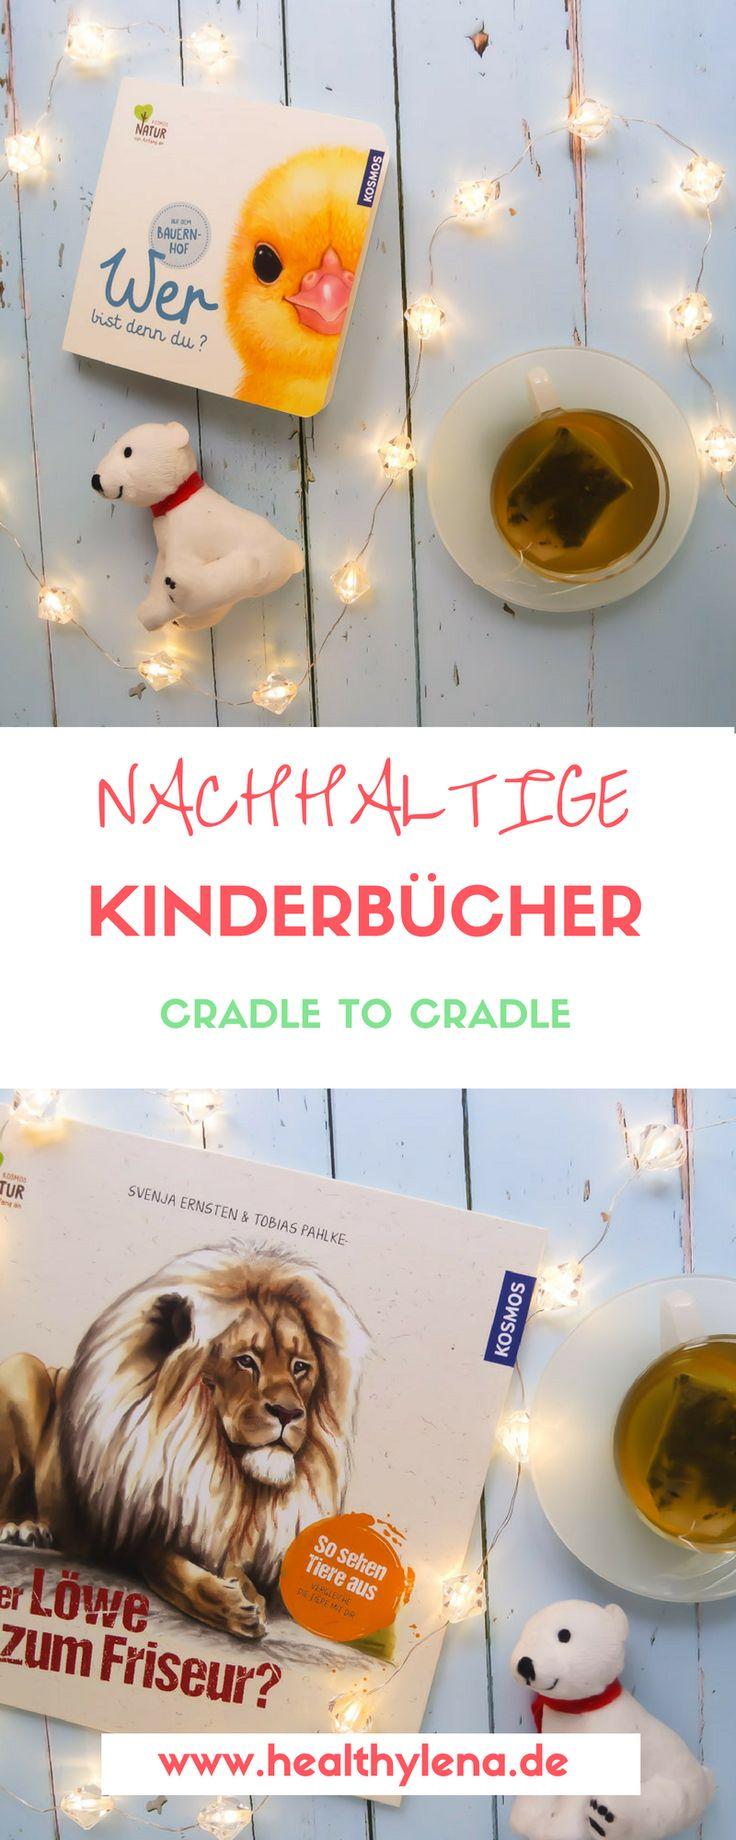 (Anzeige + Gewinnspiel) Früh übt sich – das gilt auch für das Thema Nachhaltigkeit. Um die Kleinen ganz spielerisch an die Thematik heranzuführen, sind die Naturkinderbücher vom KOSMOS Verlag eine tolle Wahl. Warum hier nicht nur die Inhalte echt lesenswert sind, sondern auch das Konzept der Herstellung ganz genau durchdacht ist, verrate ich euch jetzt auf healthylena.de :) Außerdem gibt es auch etwas zu gewinnen! Cradle to Cradle für Kids!